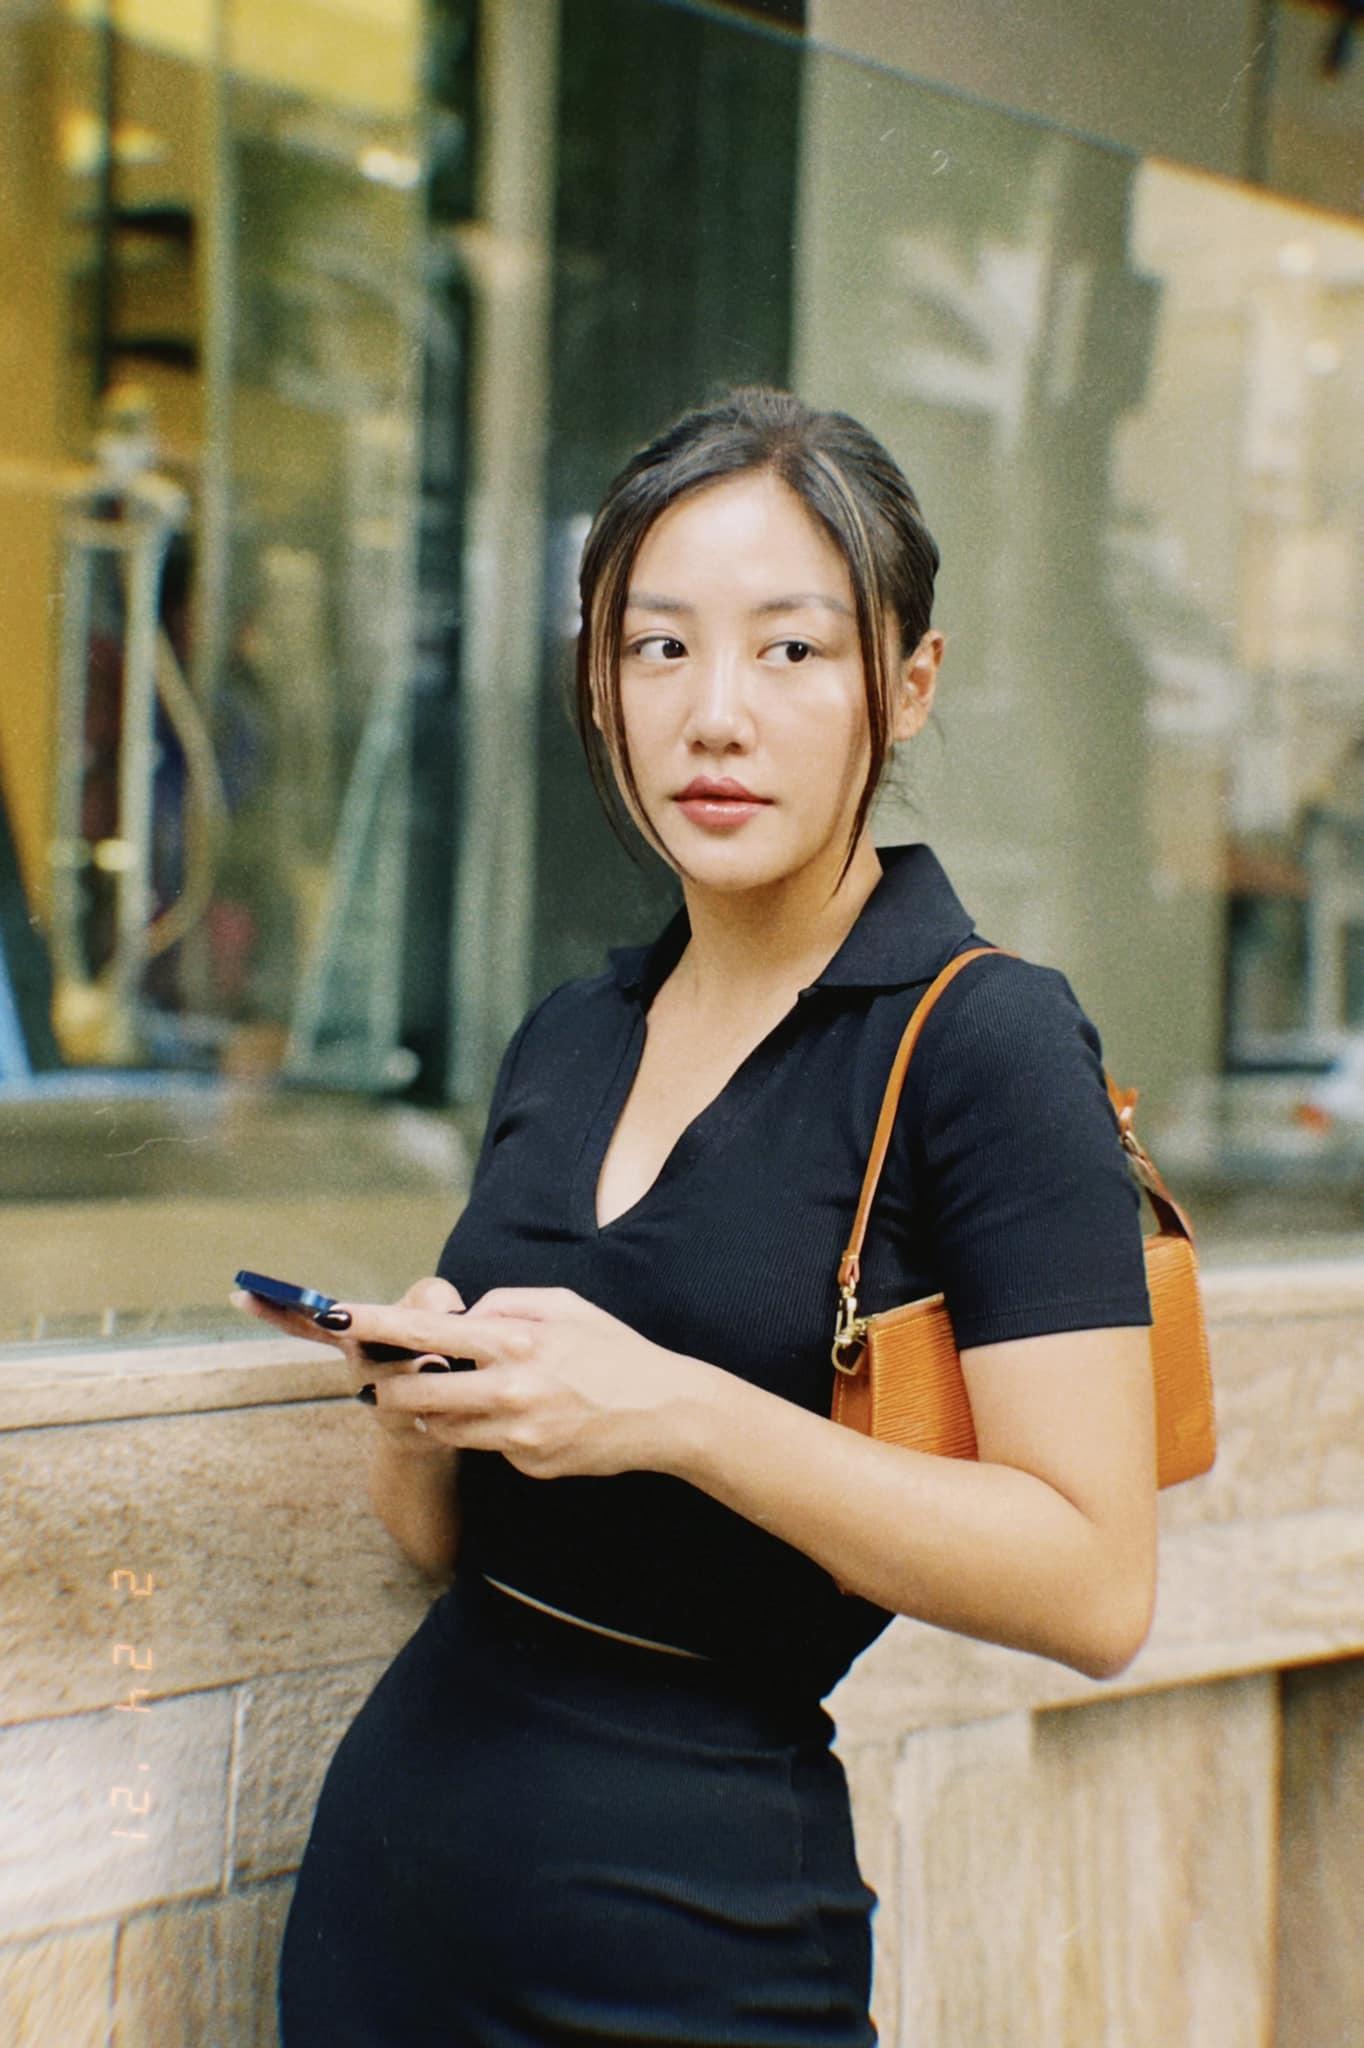 phut binh yen cua chi trung va ban gai kem 17 tuoi o que 8 Sao Việt hôm nay 25/2: Phút bình yên của Chí Trung và bạn gái ở quê